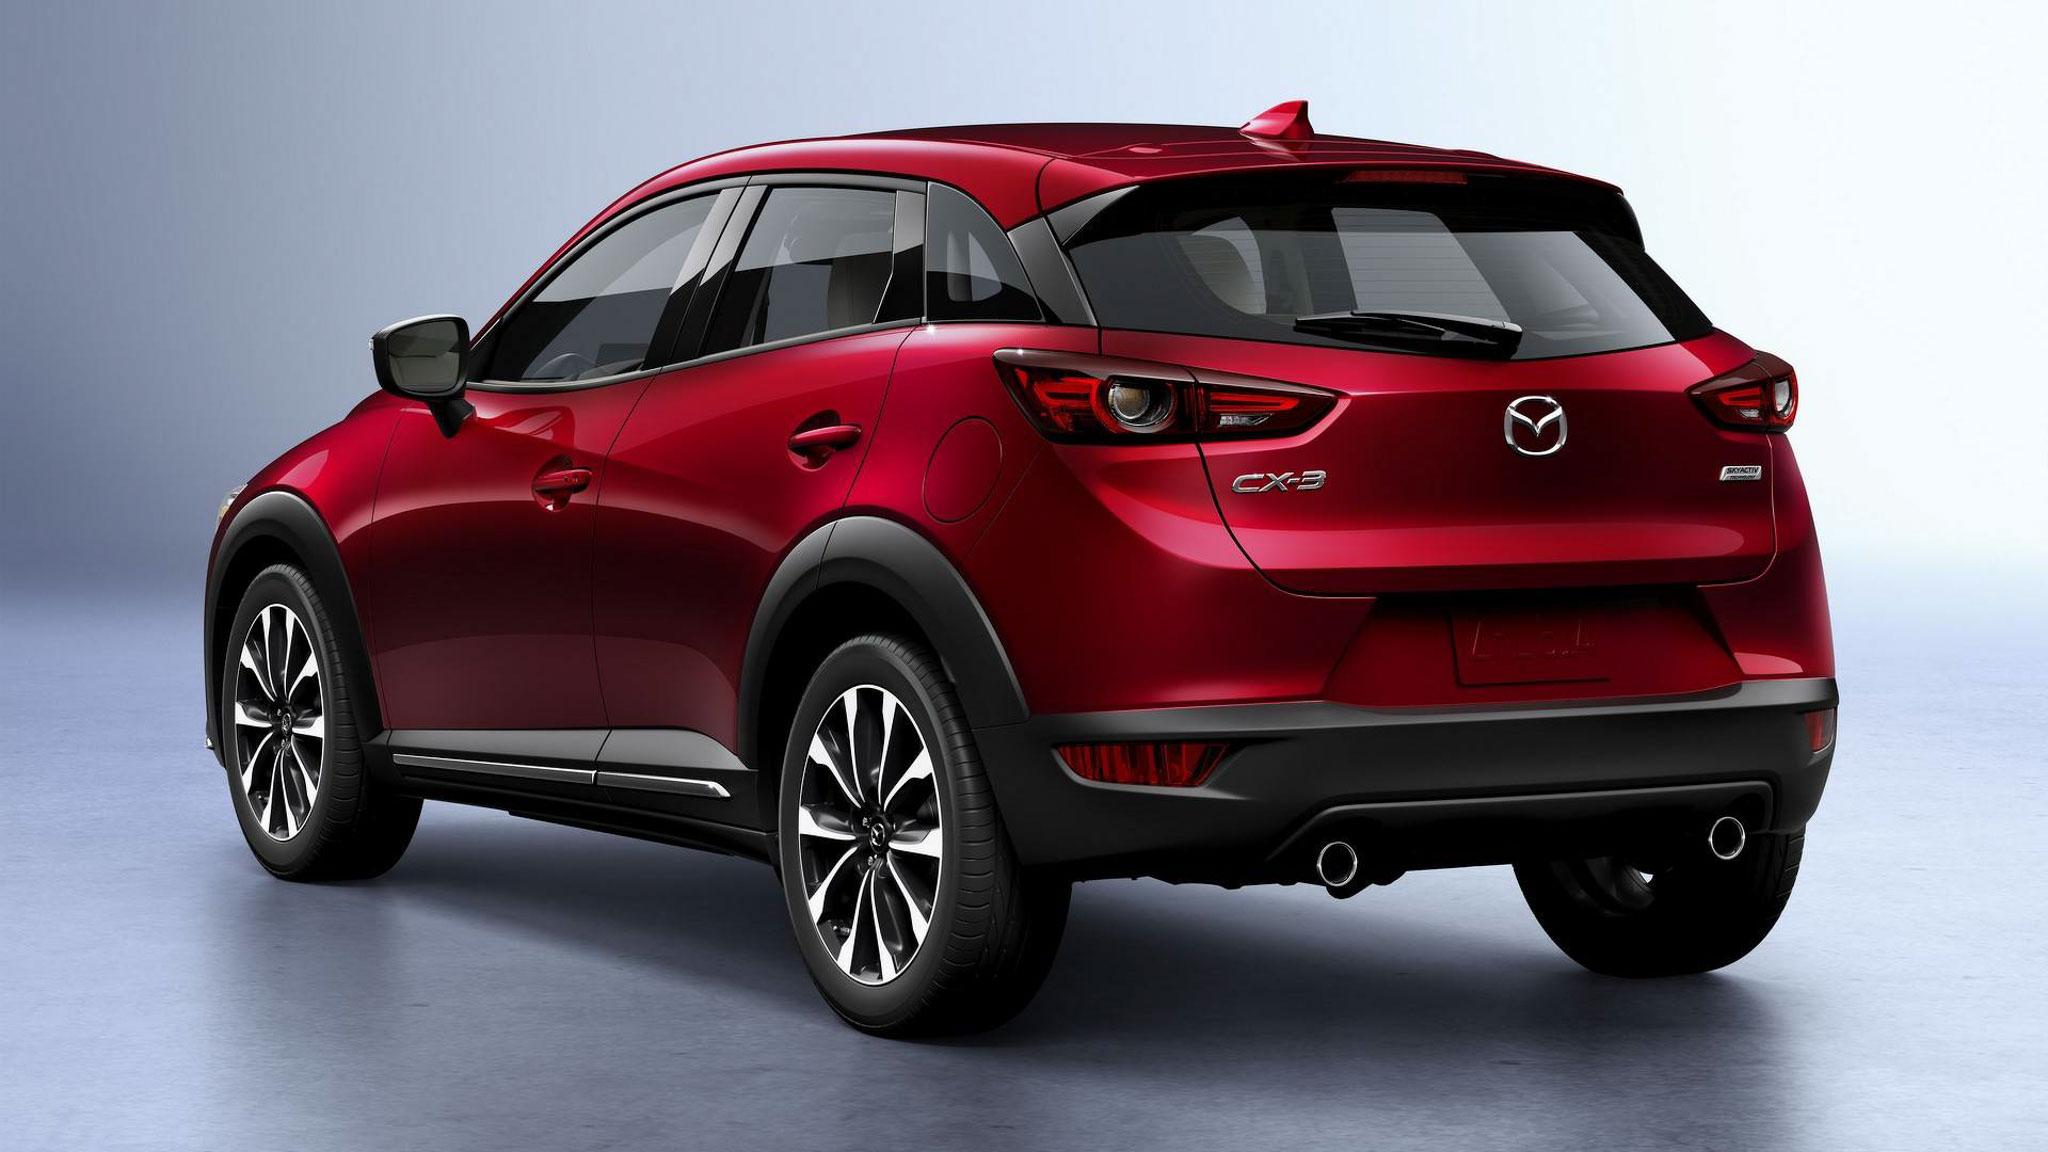 Thị trường xe - Xem trước Mazda CX-3 2019: 'Kẻ ngáng đường' Ford Ecosport (Hình 4).